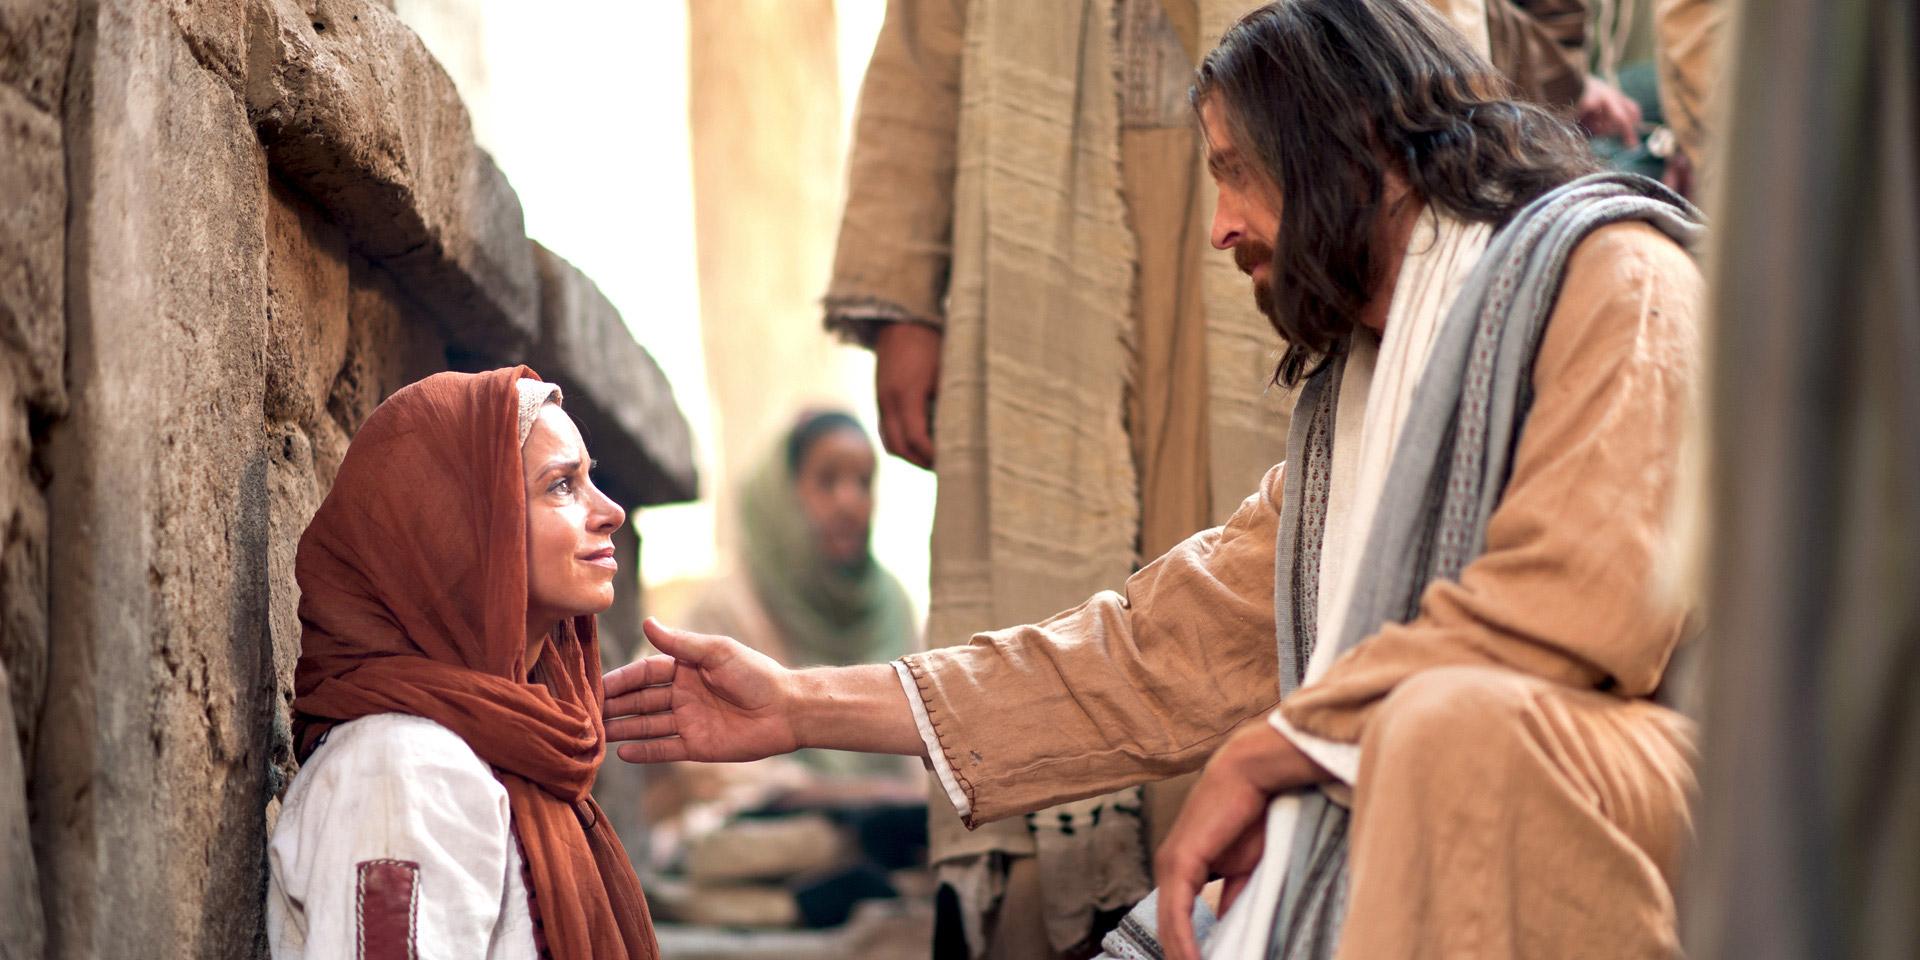 heals-a-woman-of-faith.jpg